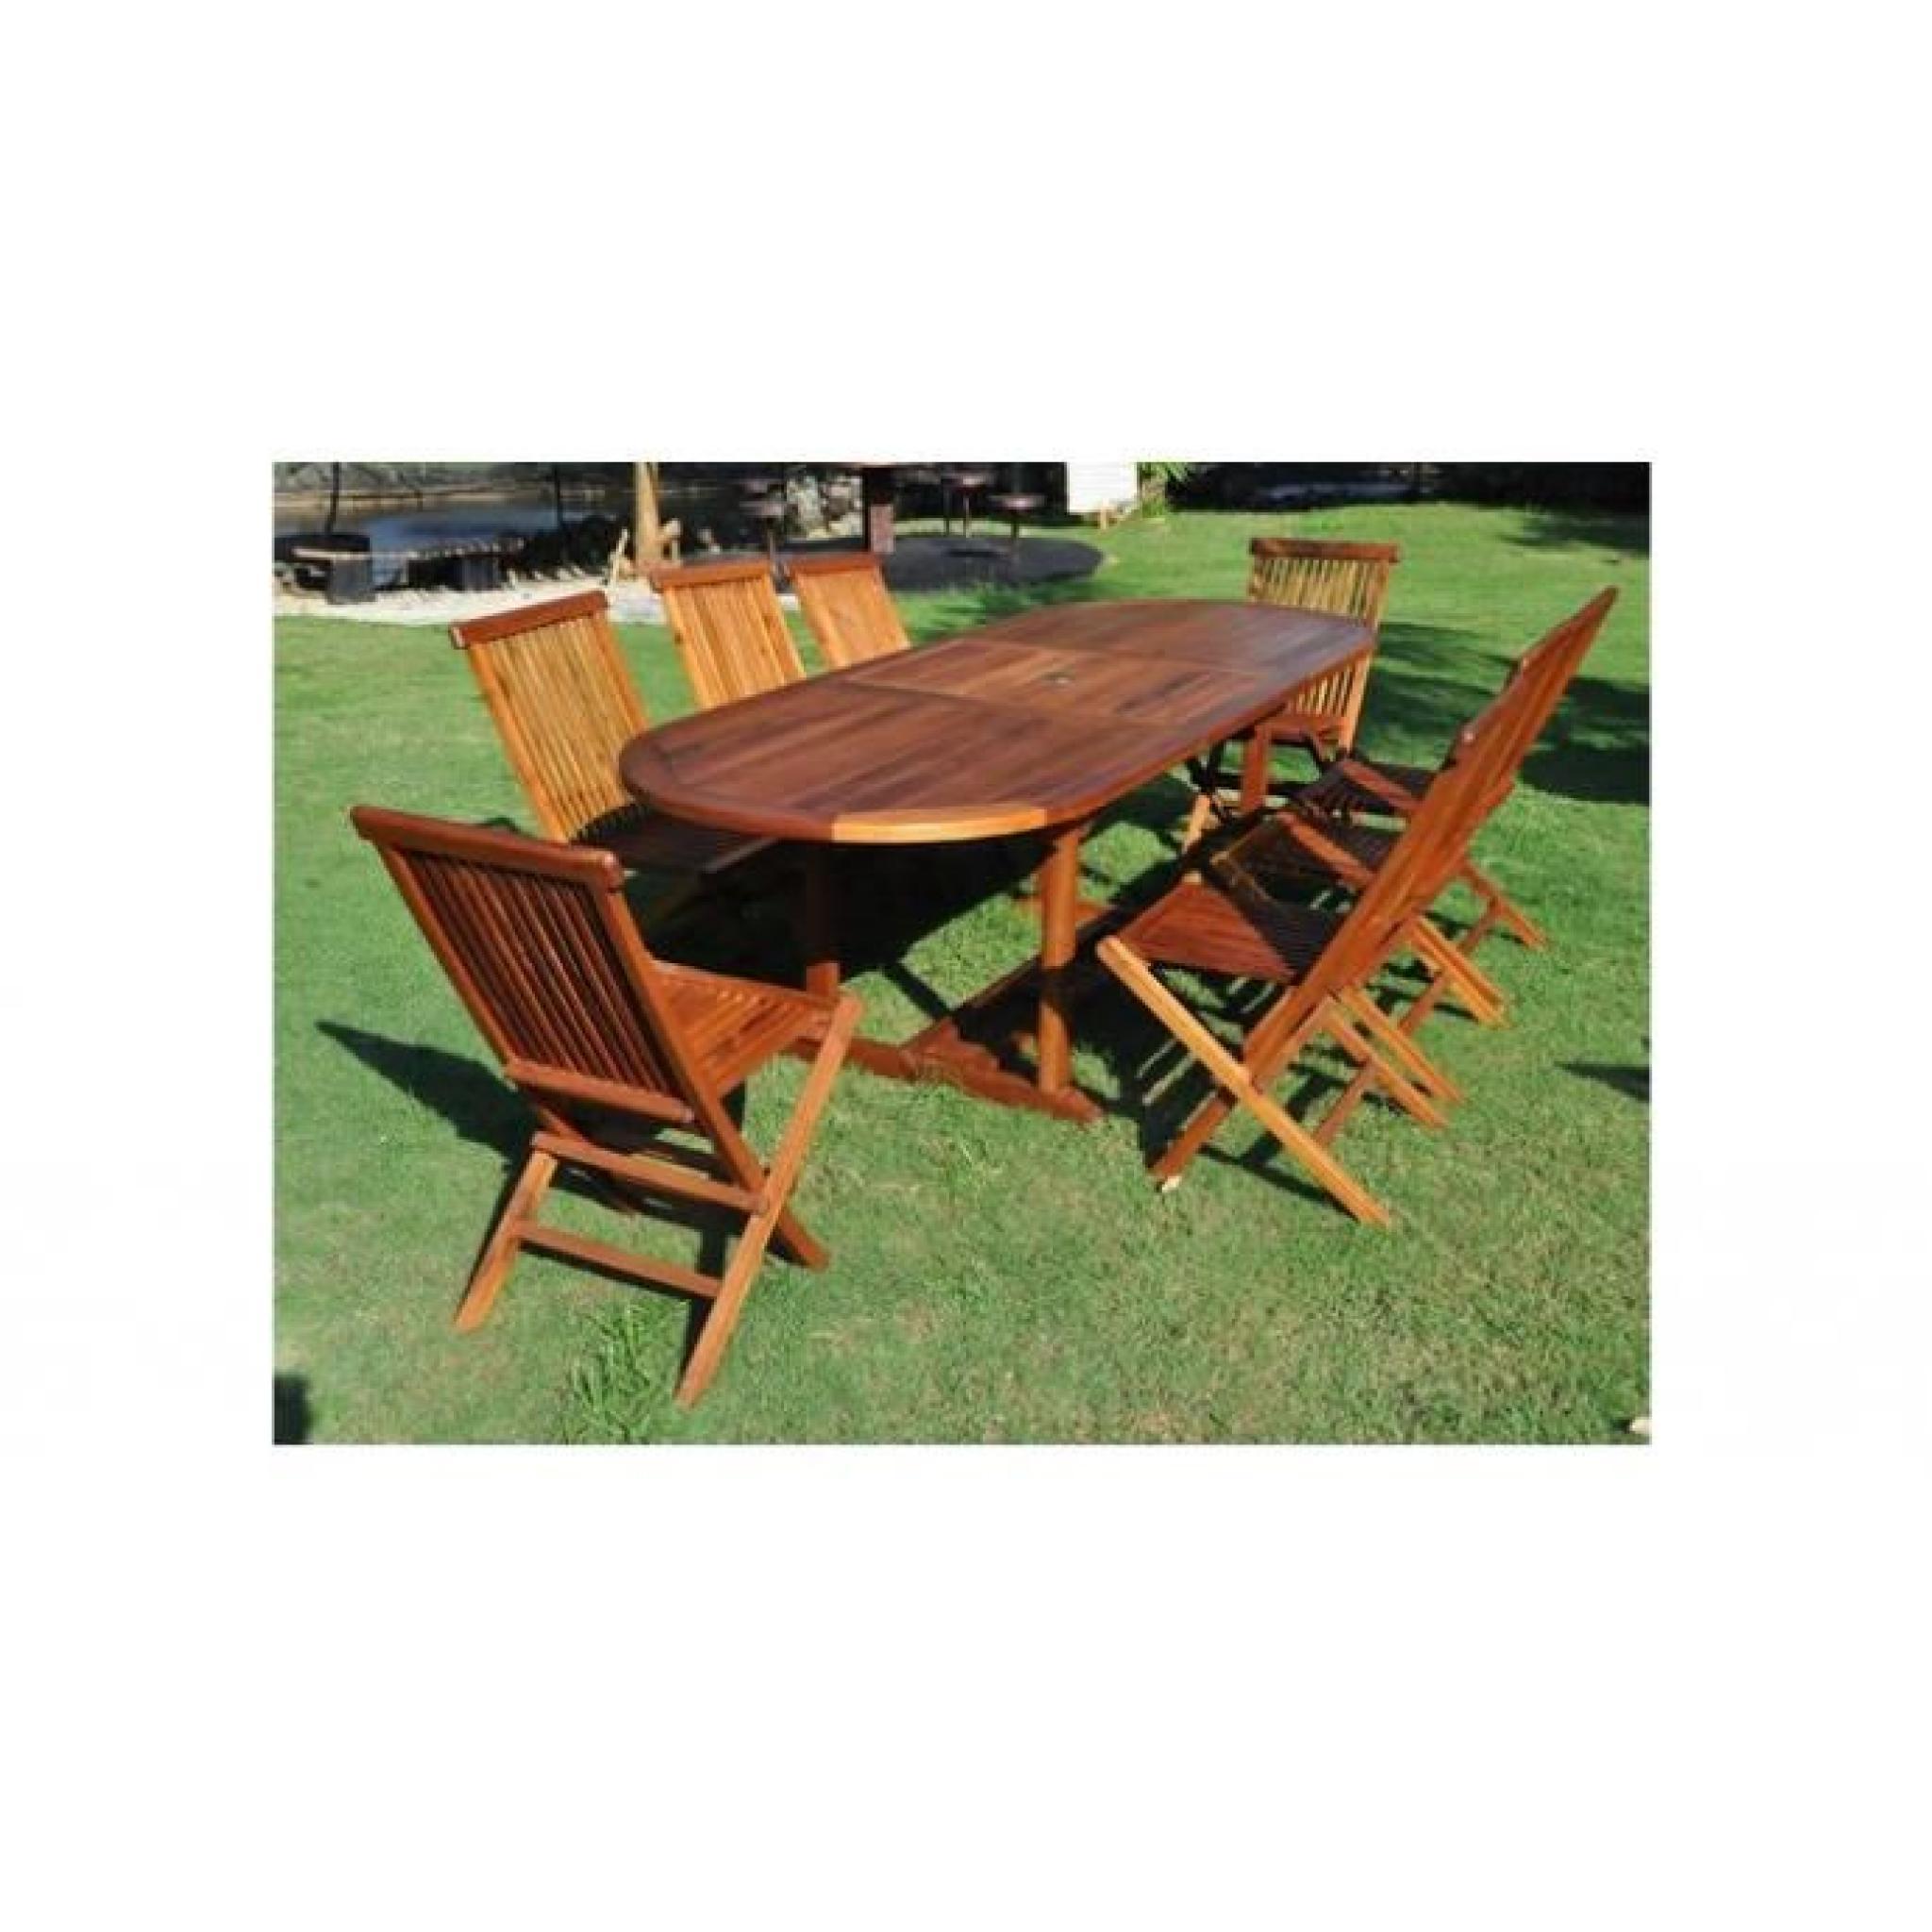 patna salon de jardin teck huil 10 12 pers achat vente salon de jardin en bois pas cher. Black Bedroom Furniture Sets. Home Design Ideas